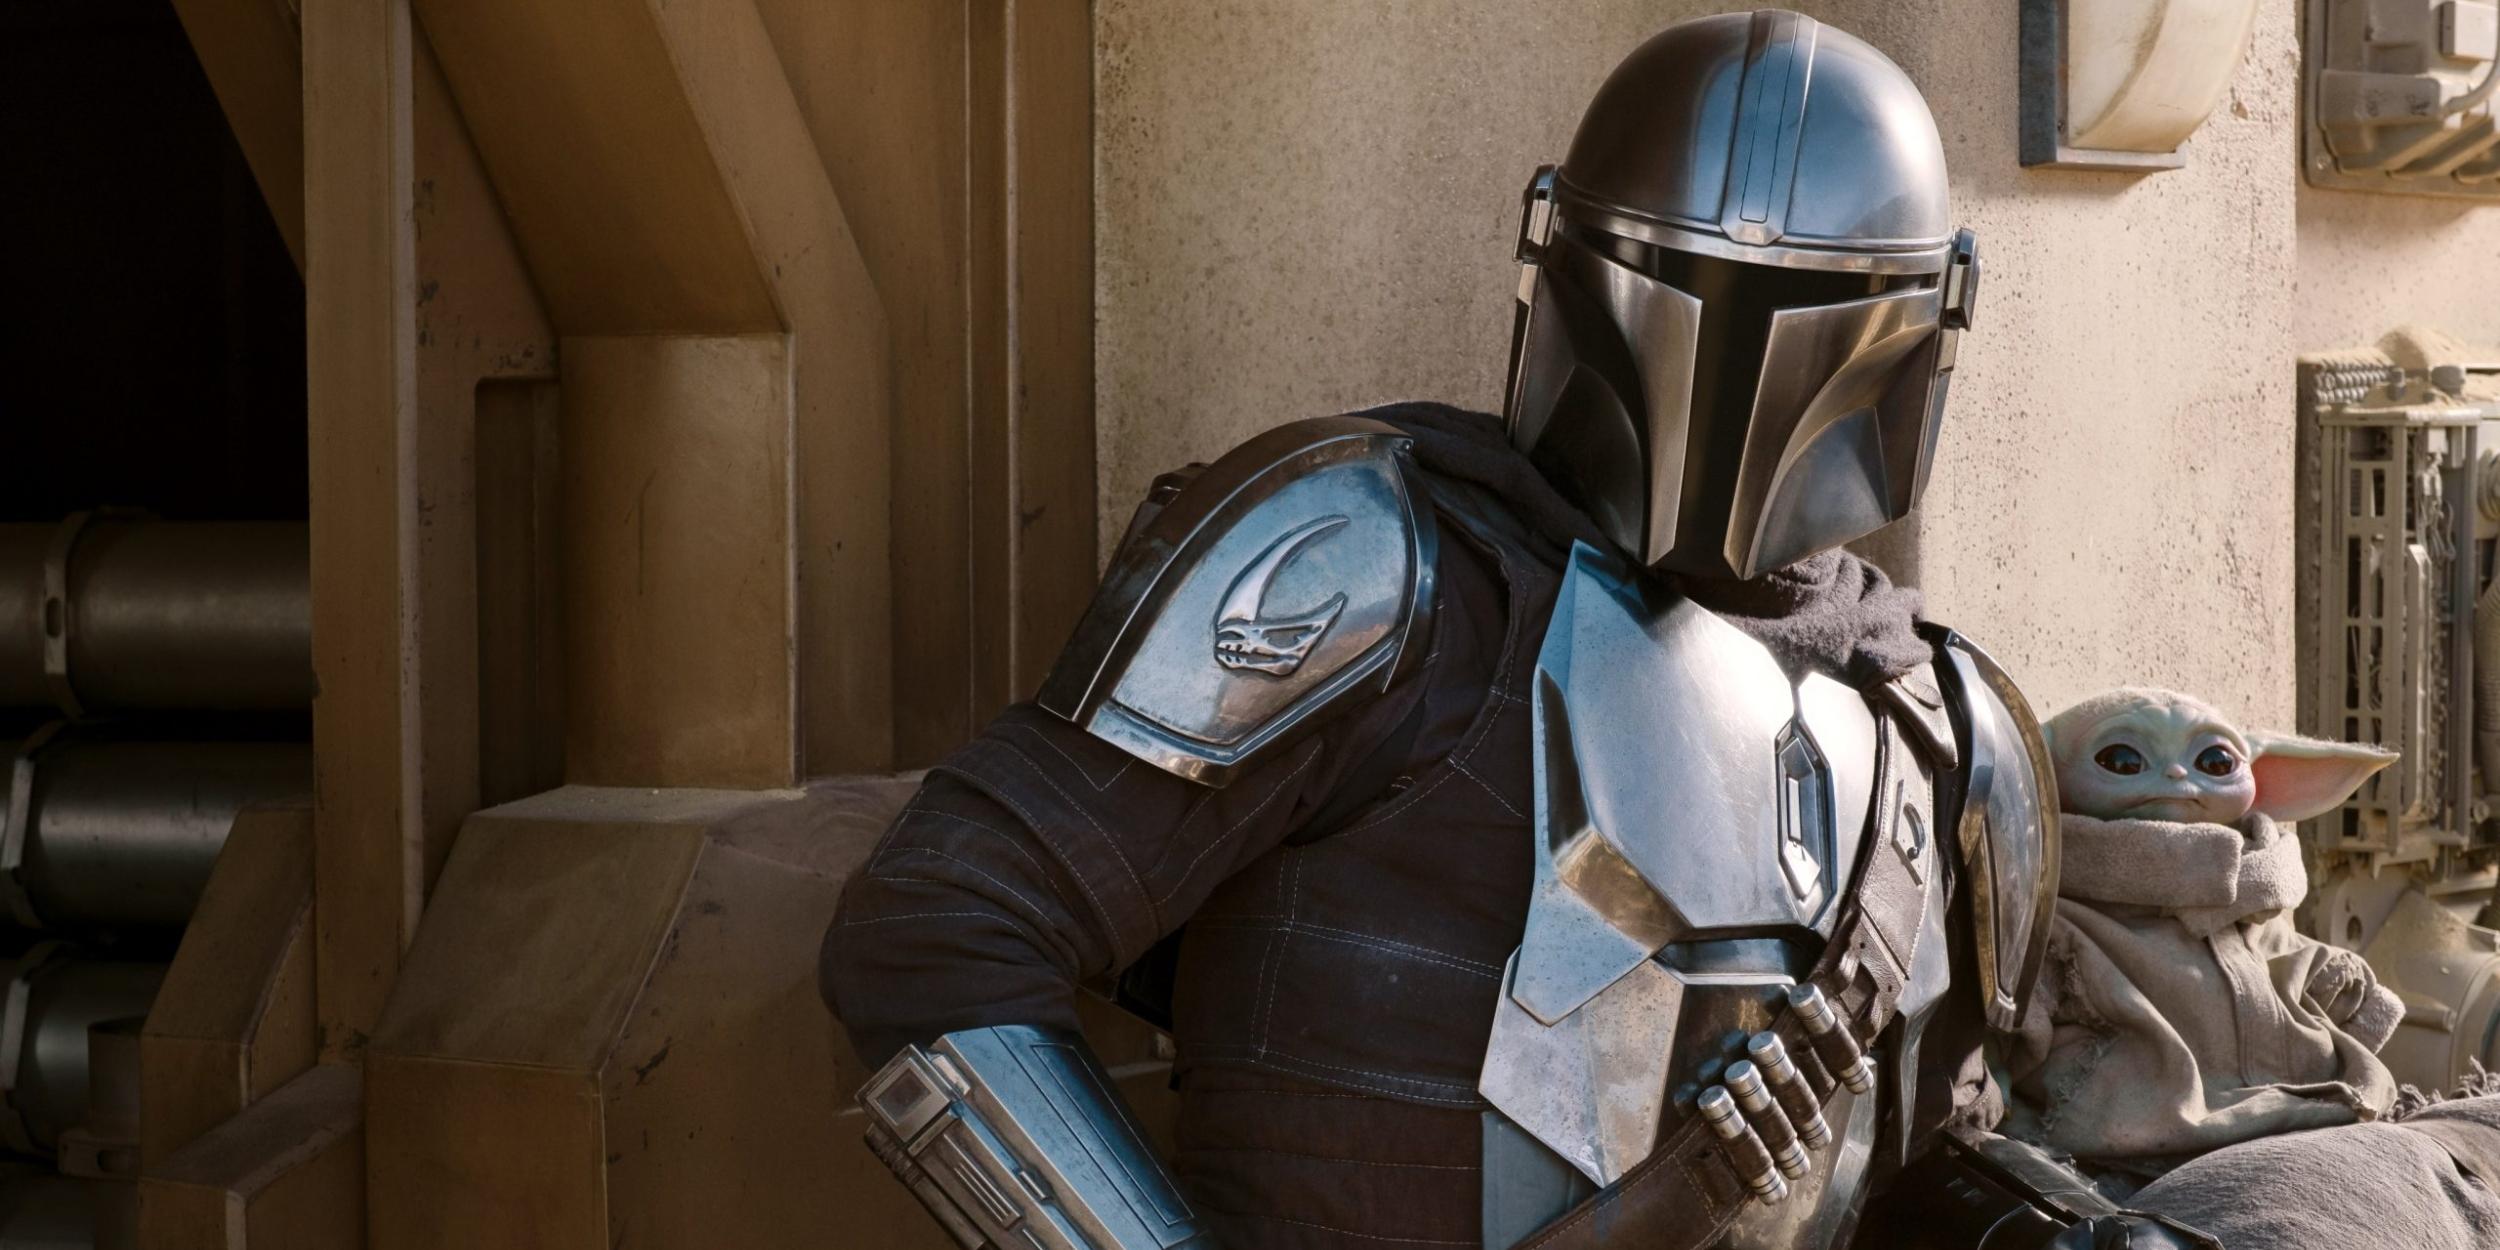 Во 2-м сезоне «Мандалорца» ещё больше отсылок и малыш Йода. Фанатам «Звёздных войн» понравится